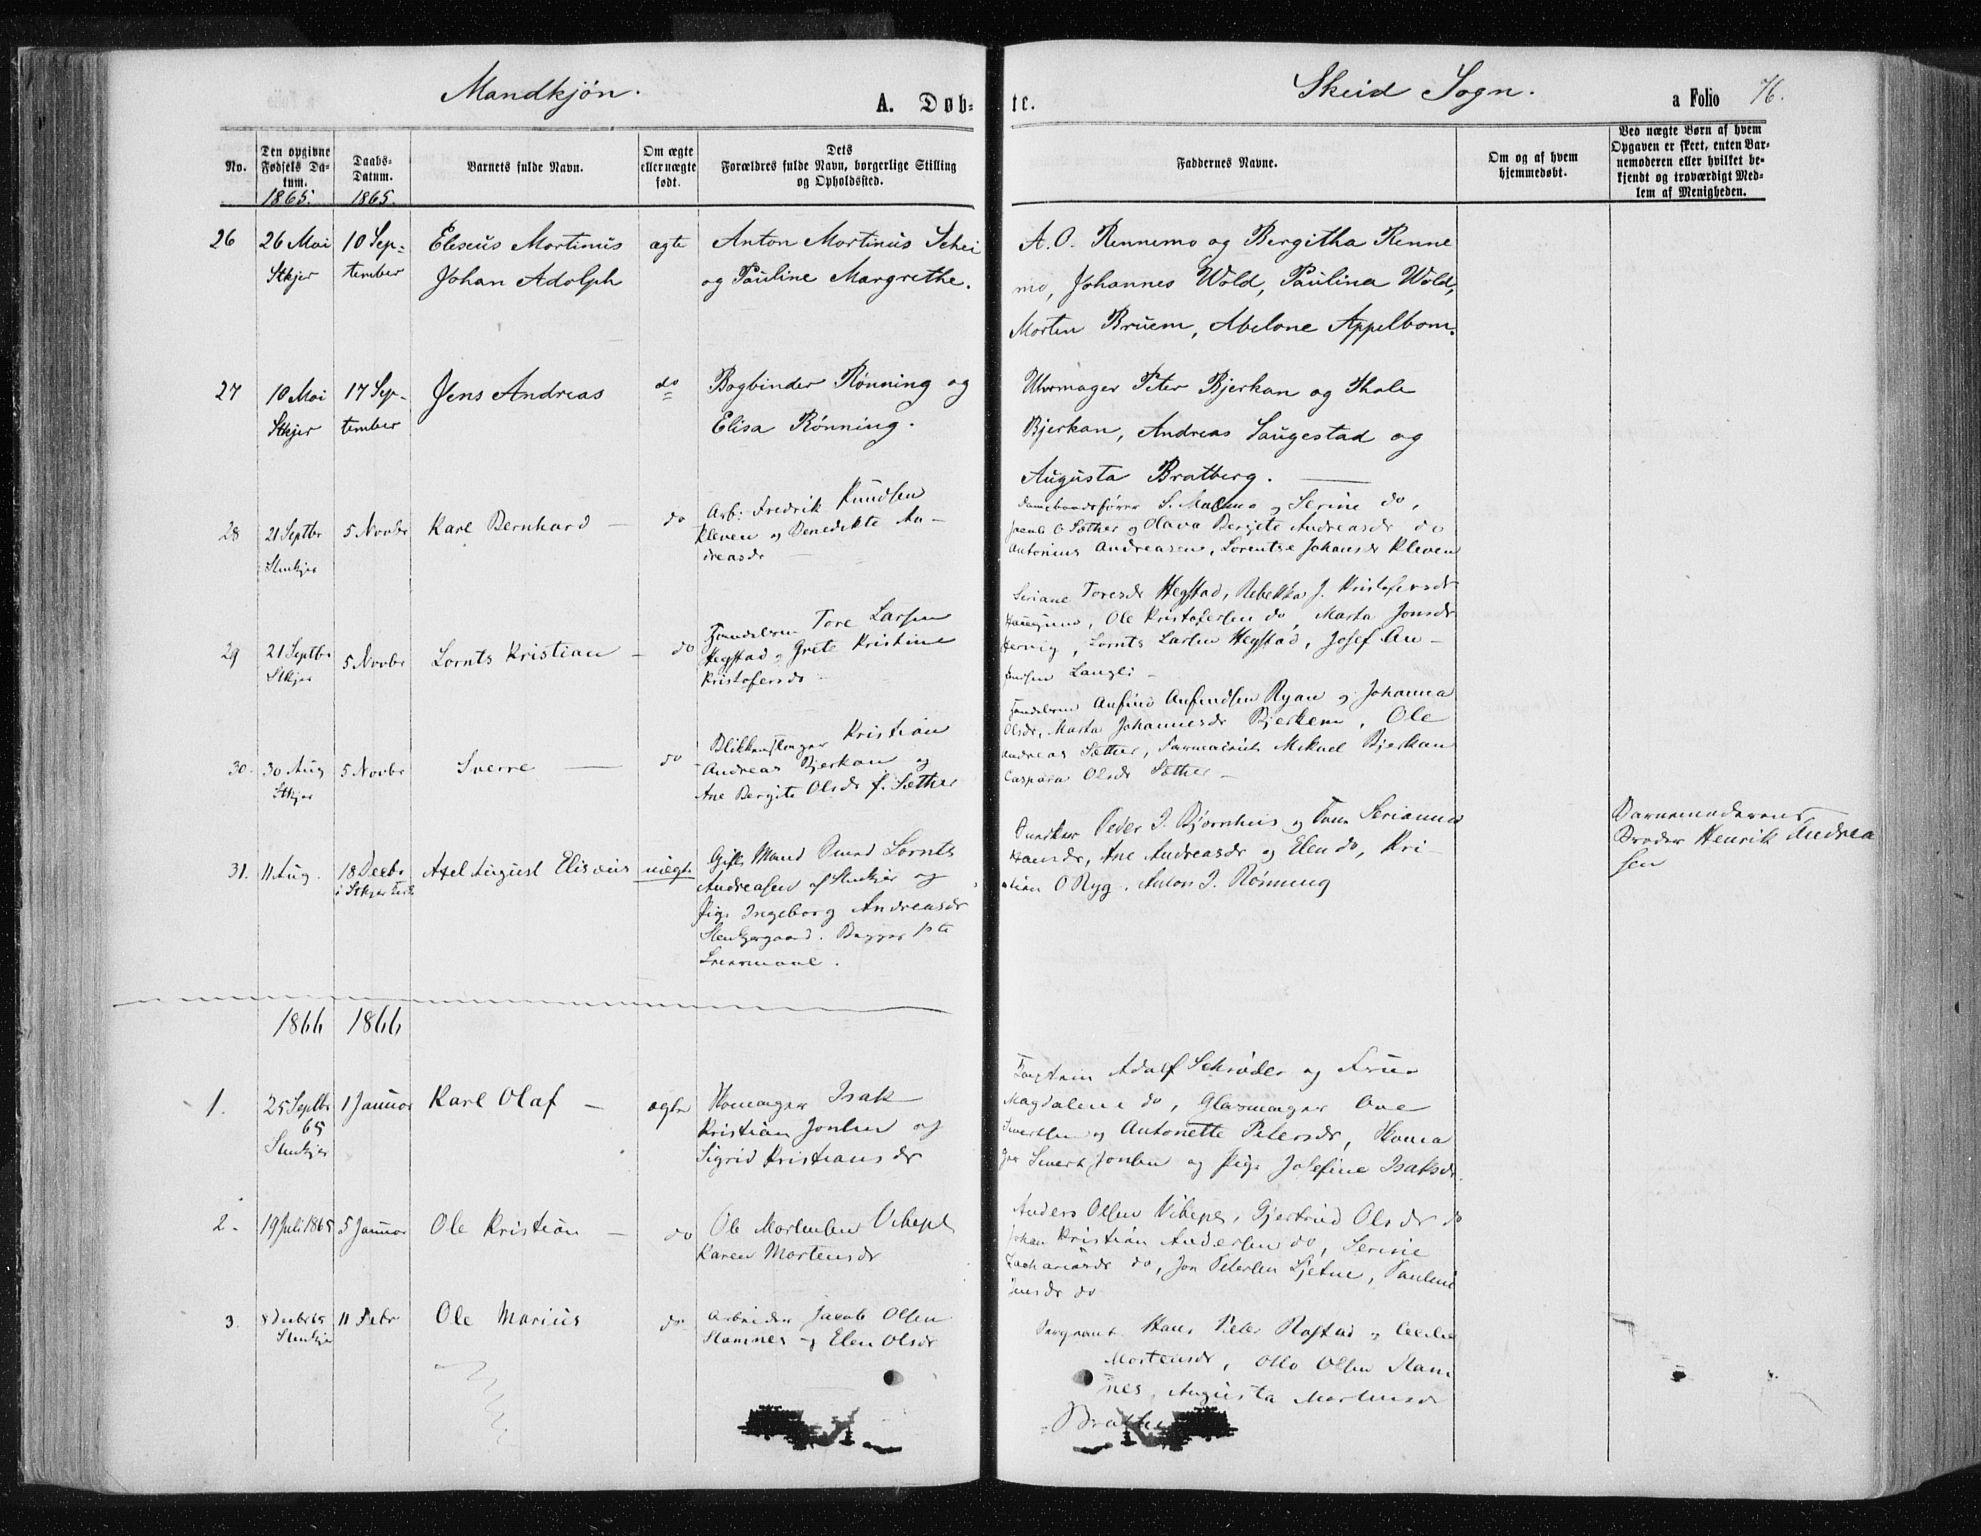 SAT, Ministerialprotokoller, klokkerbøker og fødselsregistre - Nord-Trøndelag, 735/L0345: Ministerialbok nr. 735A08 /2, 1863-1872, s. 76